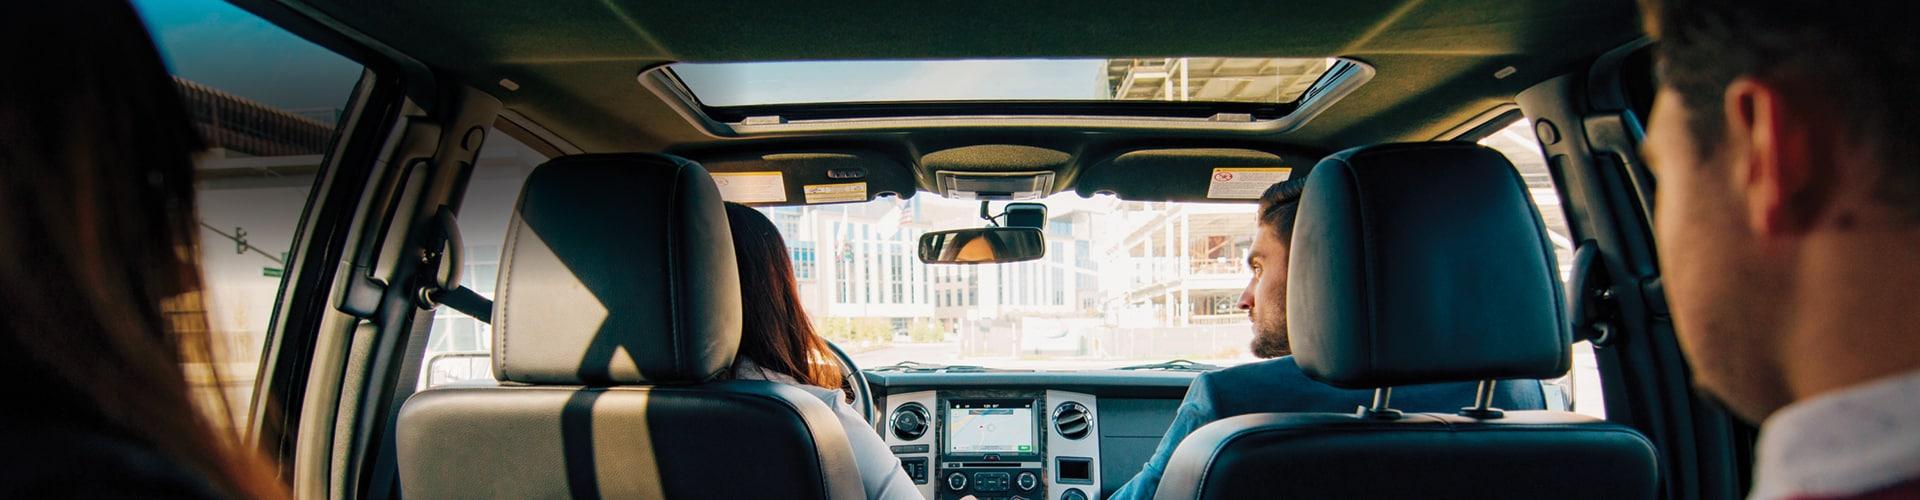 Commute With Enterprise Van And Carpools Enterprise Rent A Car